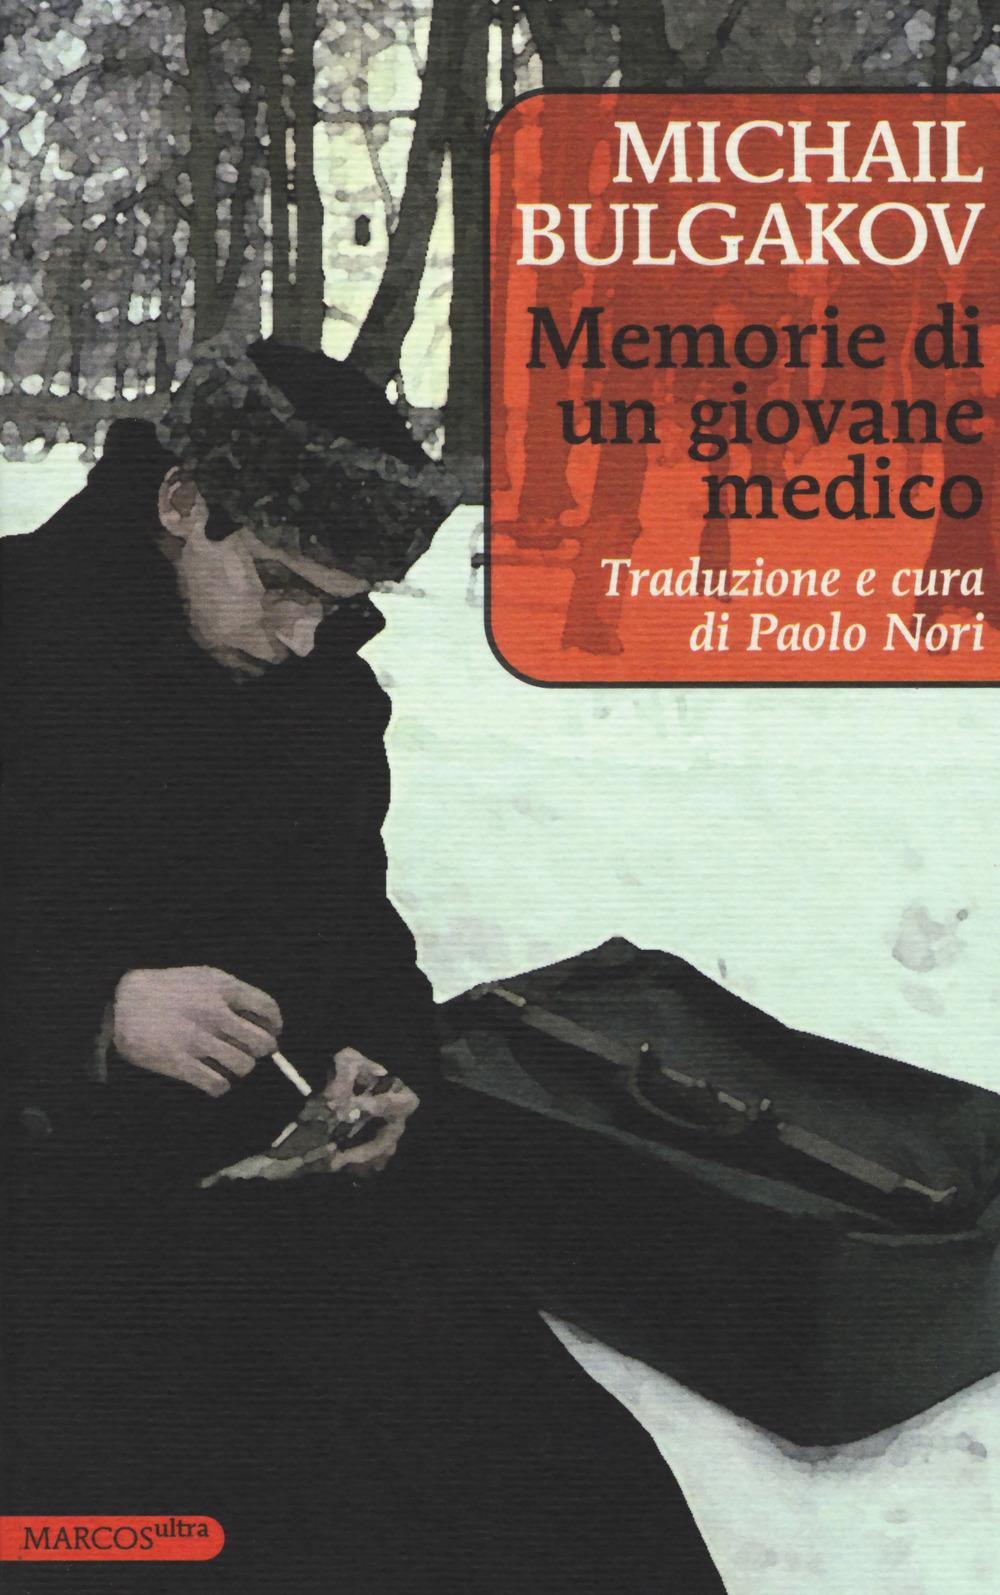 Memorie di un giovane medico